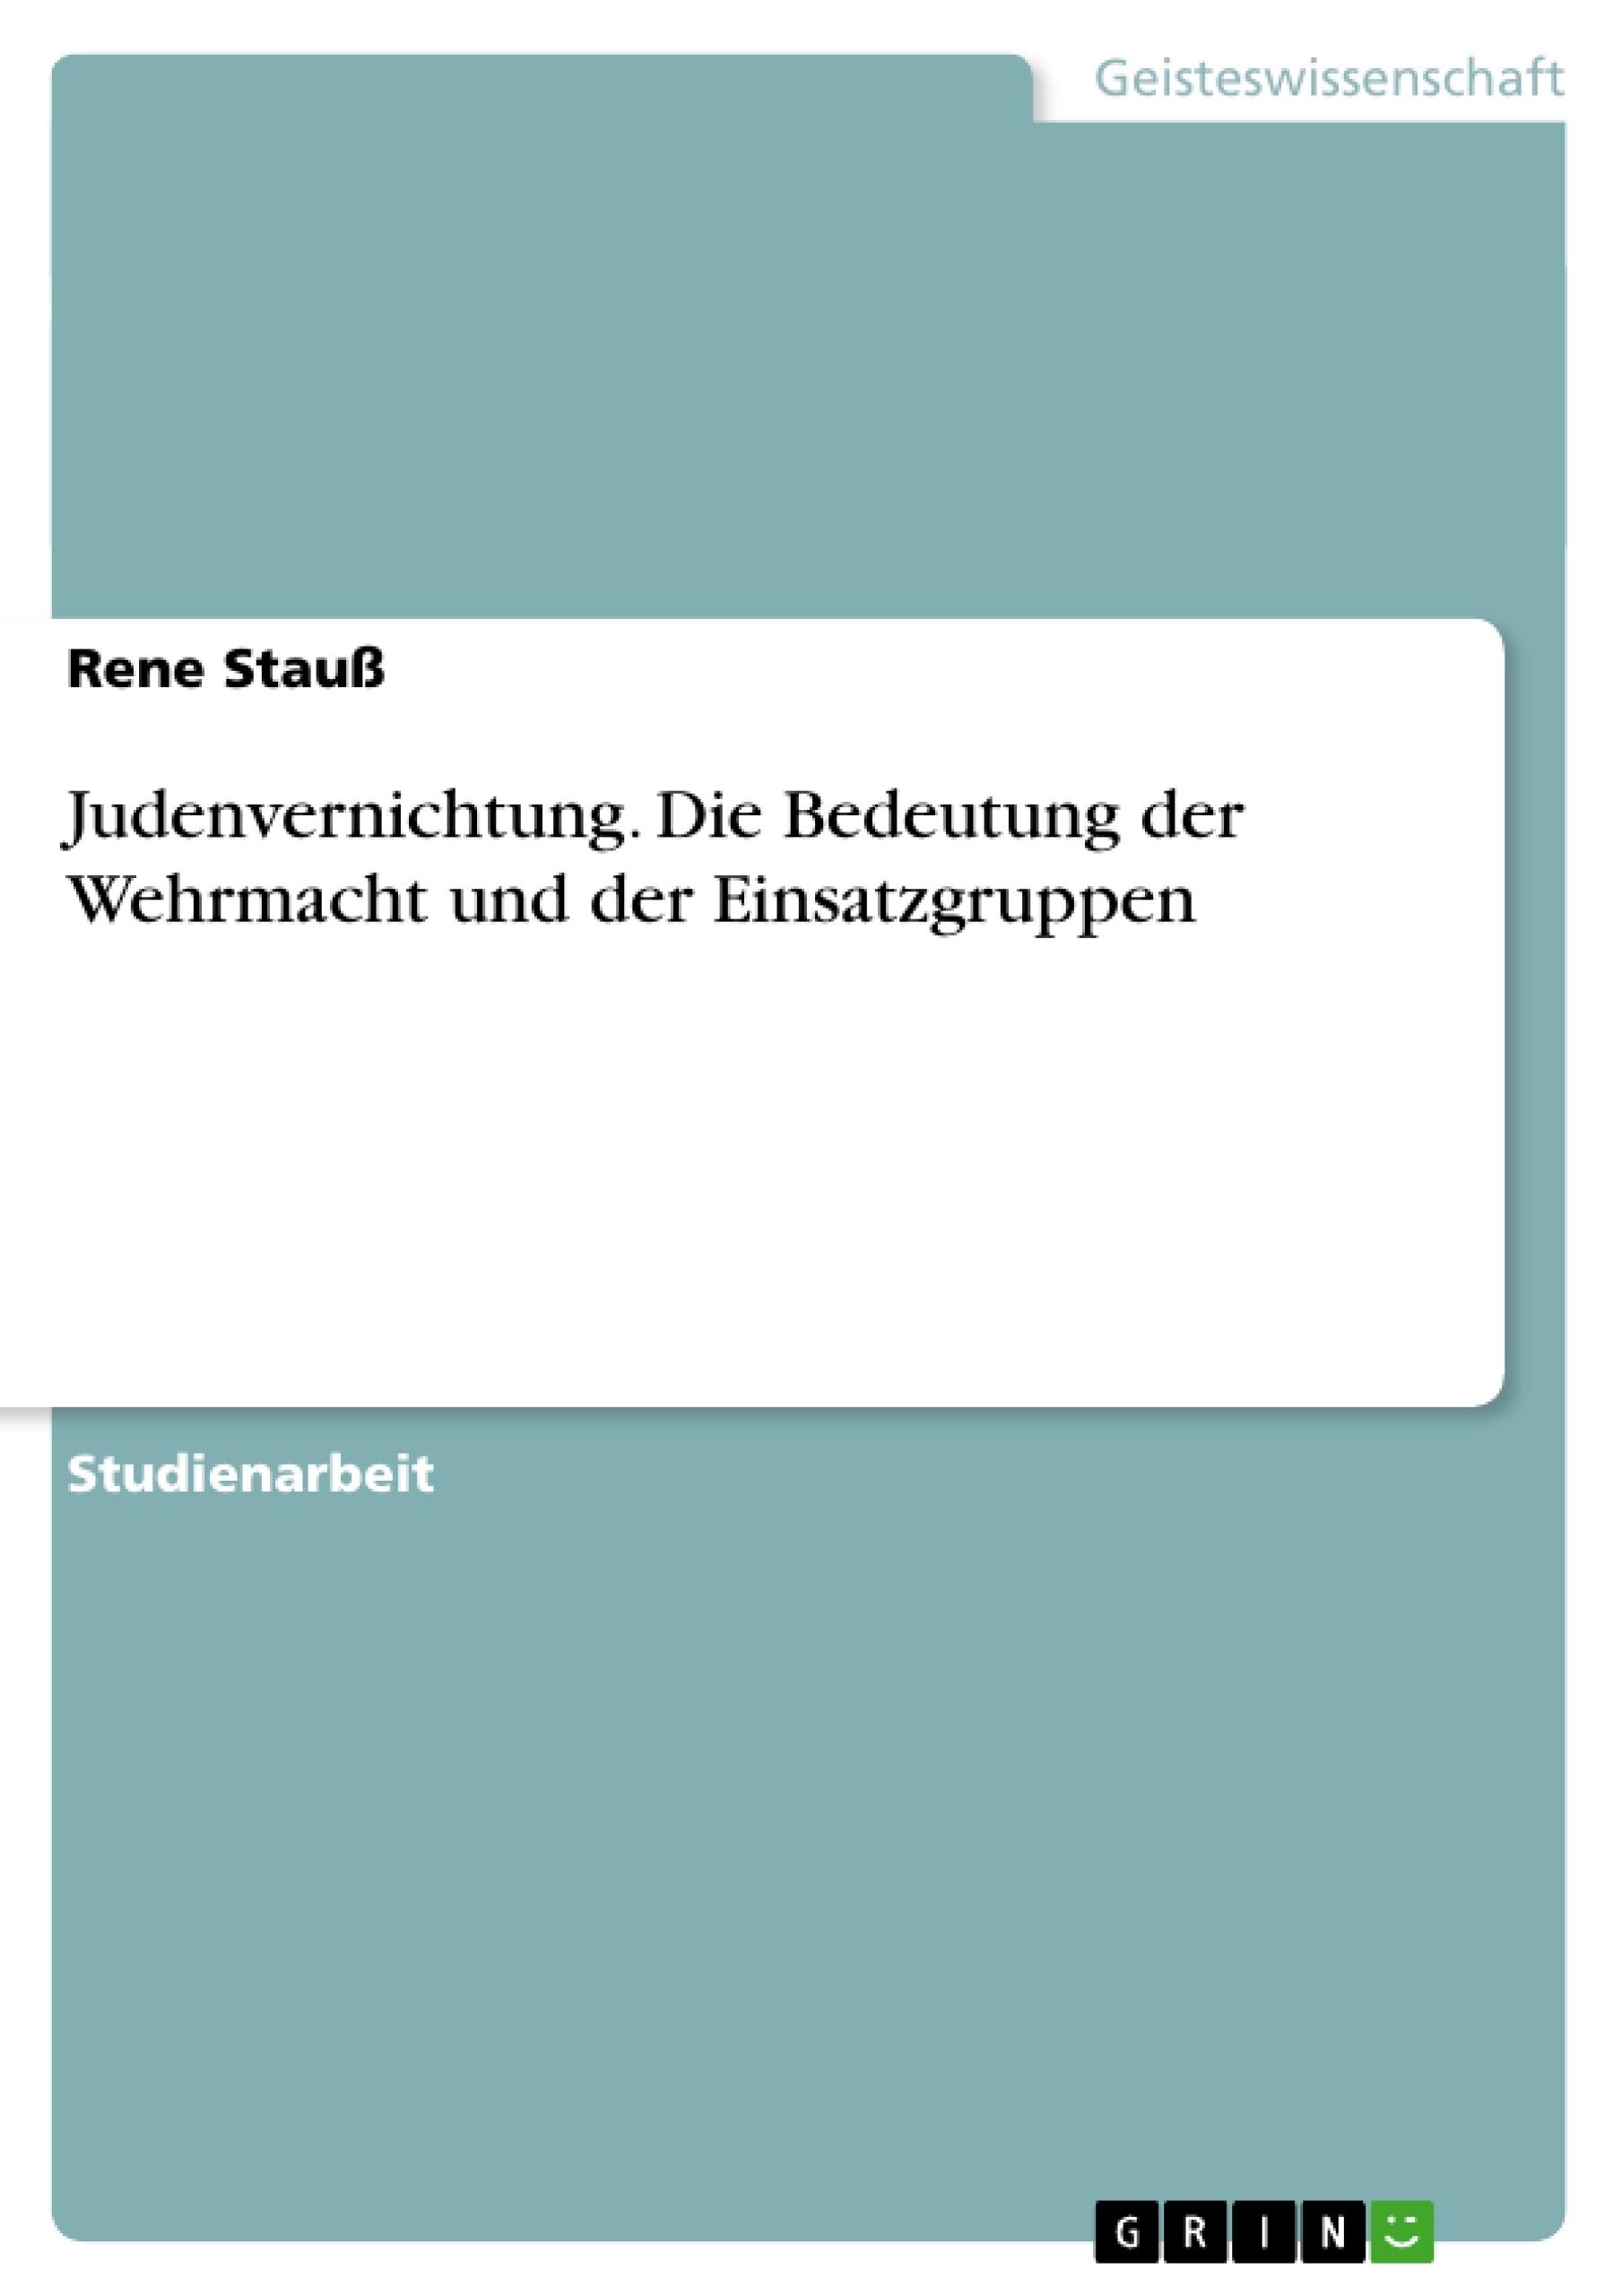 Titel: Judenvernichtung.  Die Bedeutung der Wehrmacht und der Einsatzgruppen